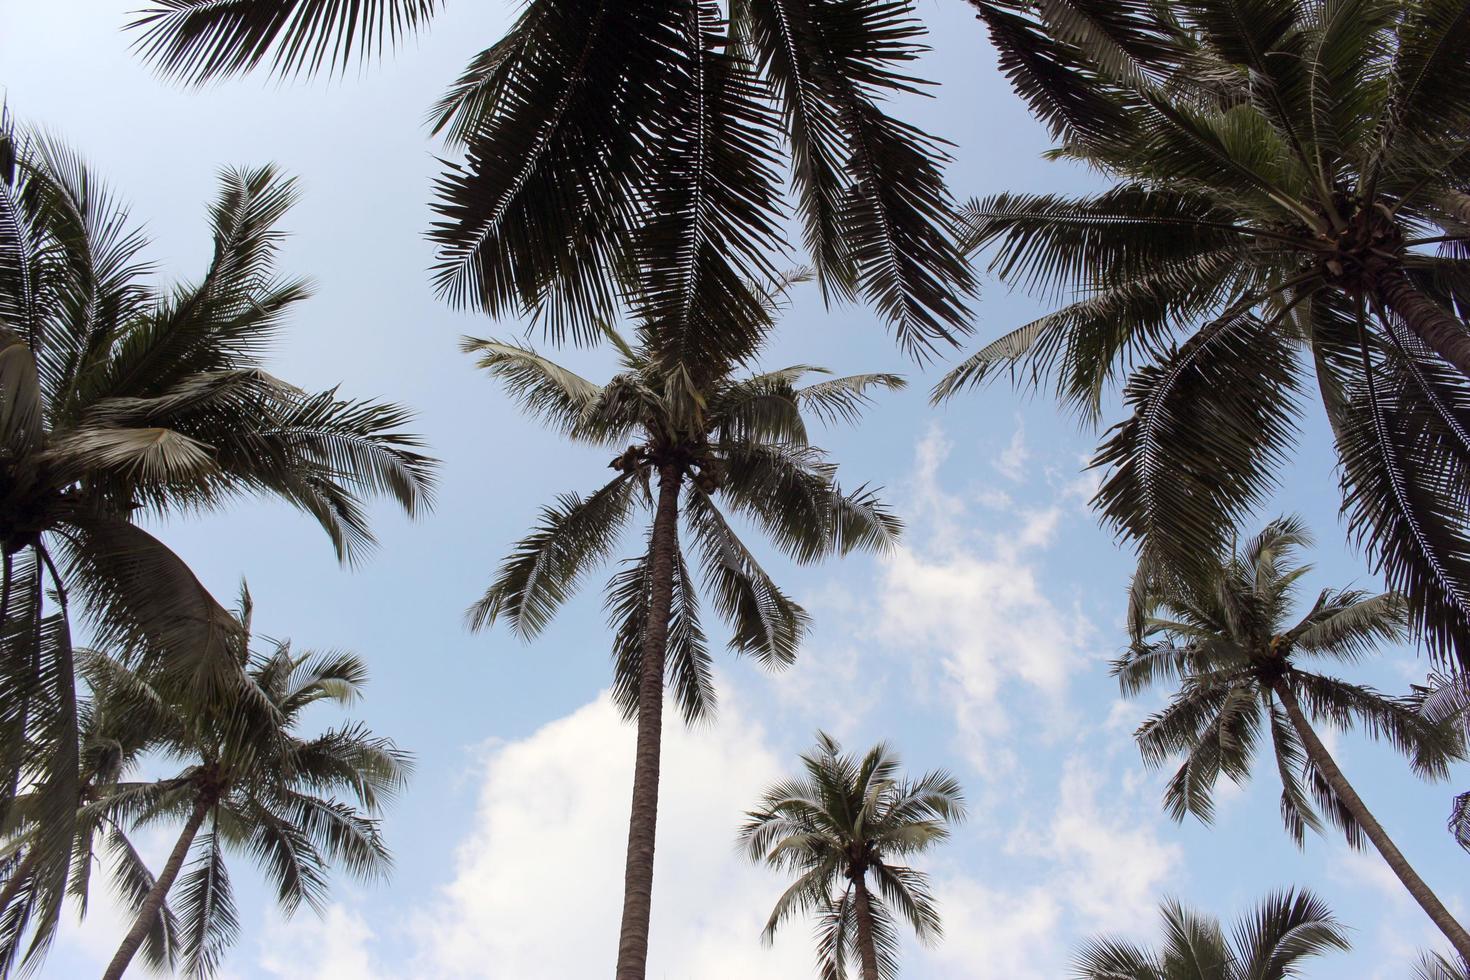 gruppo di palme foto